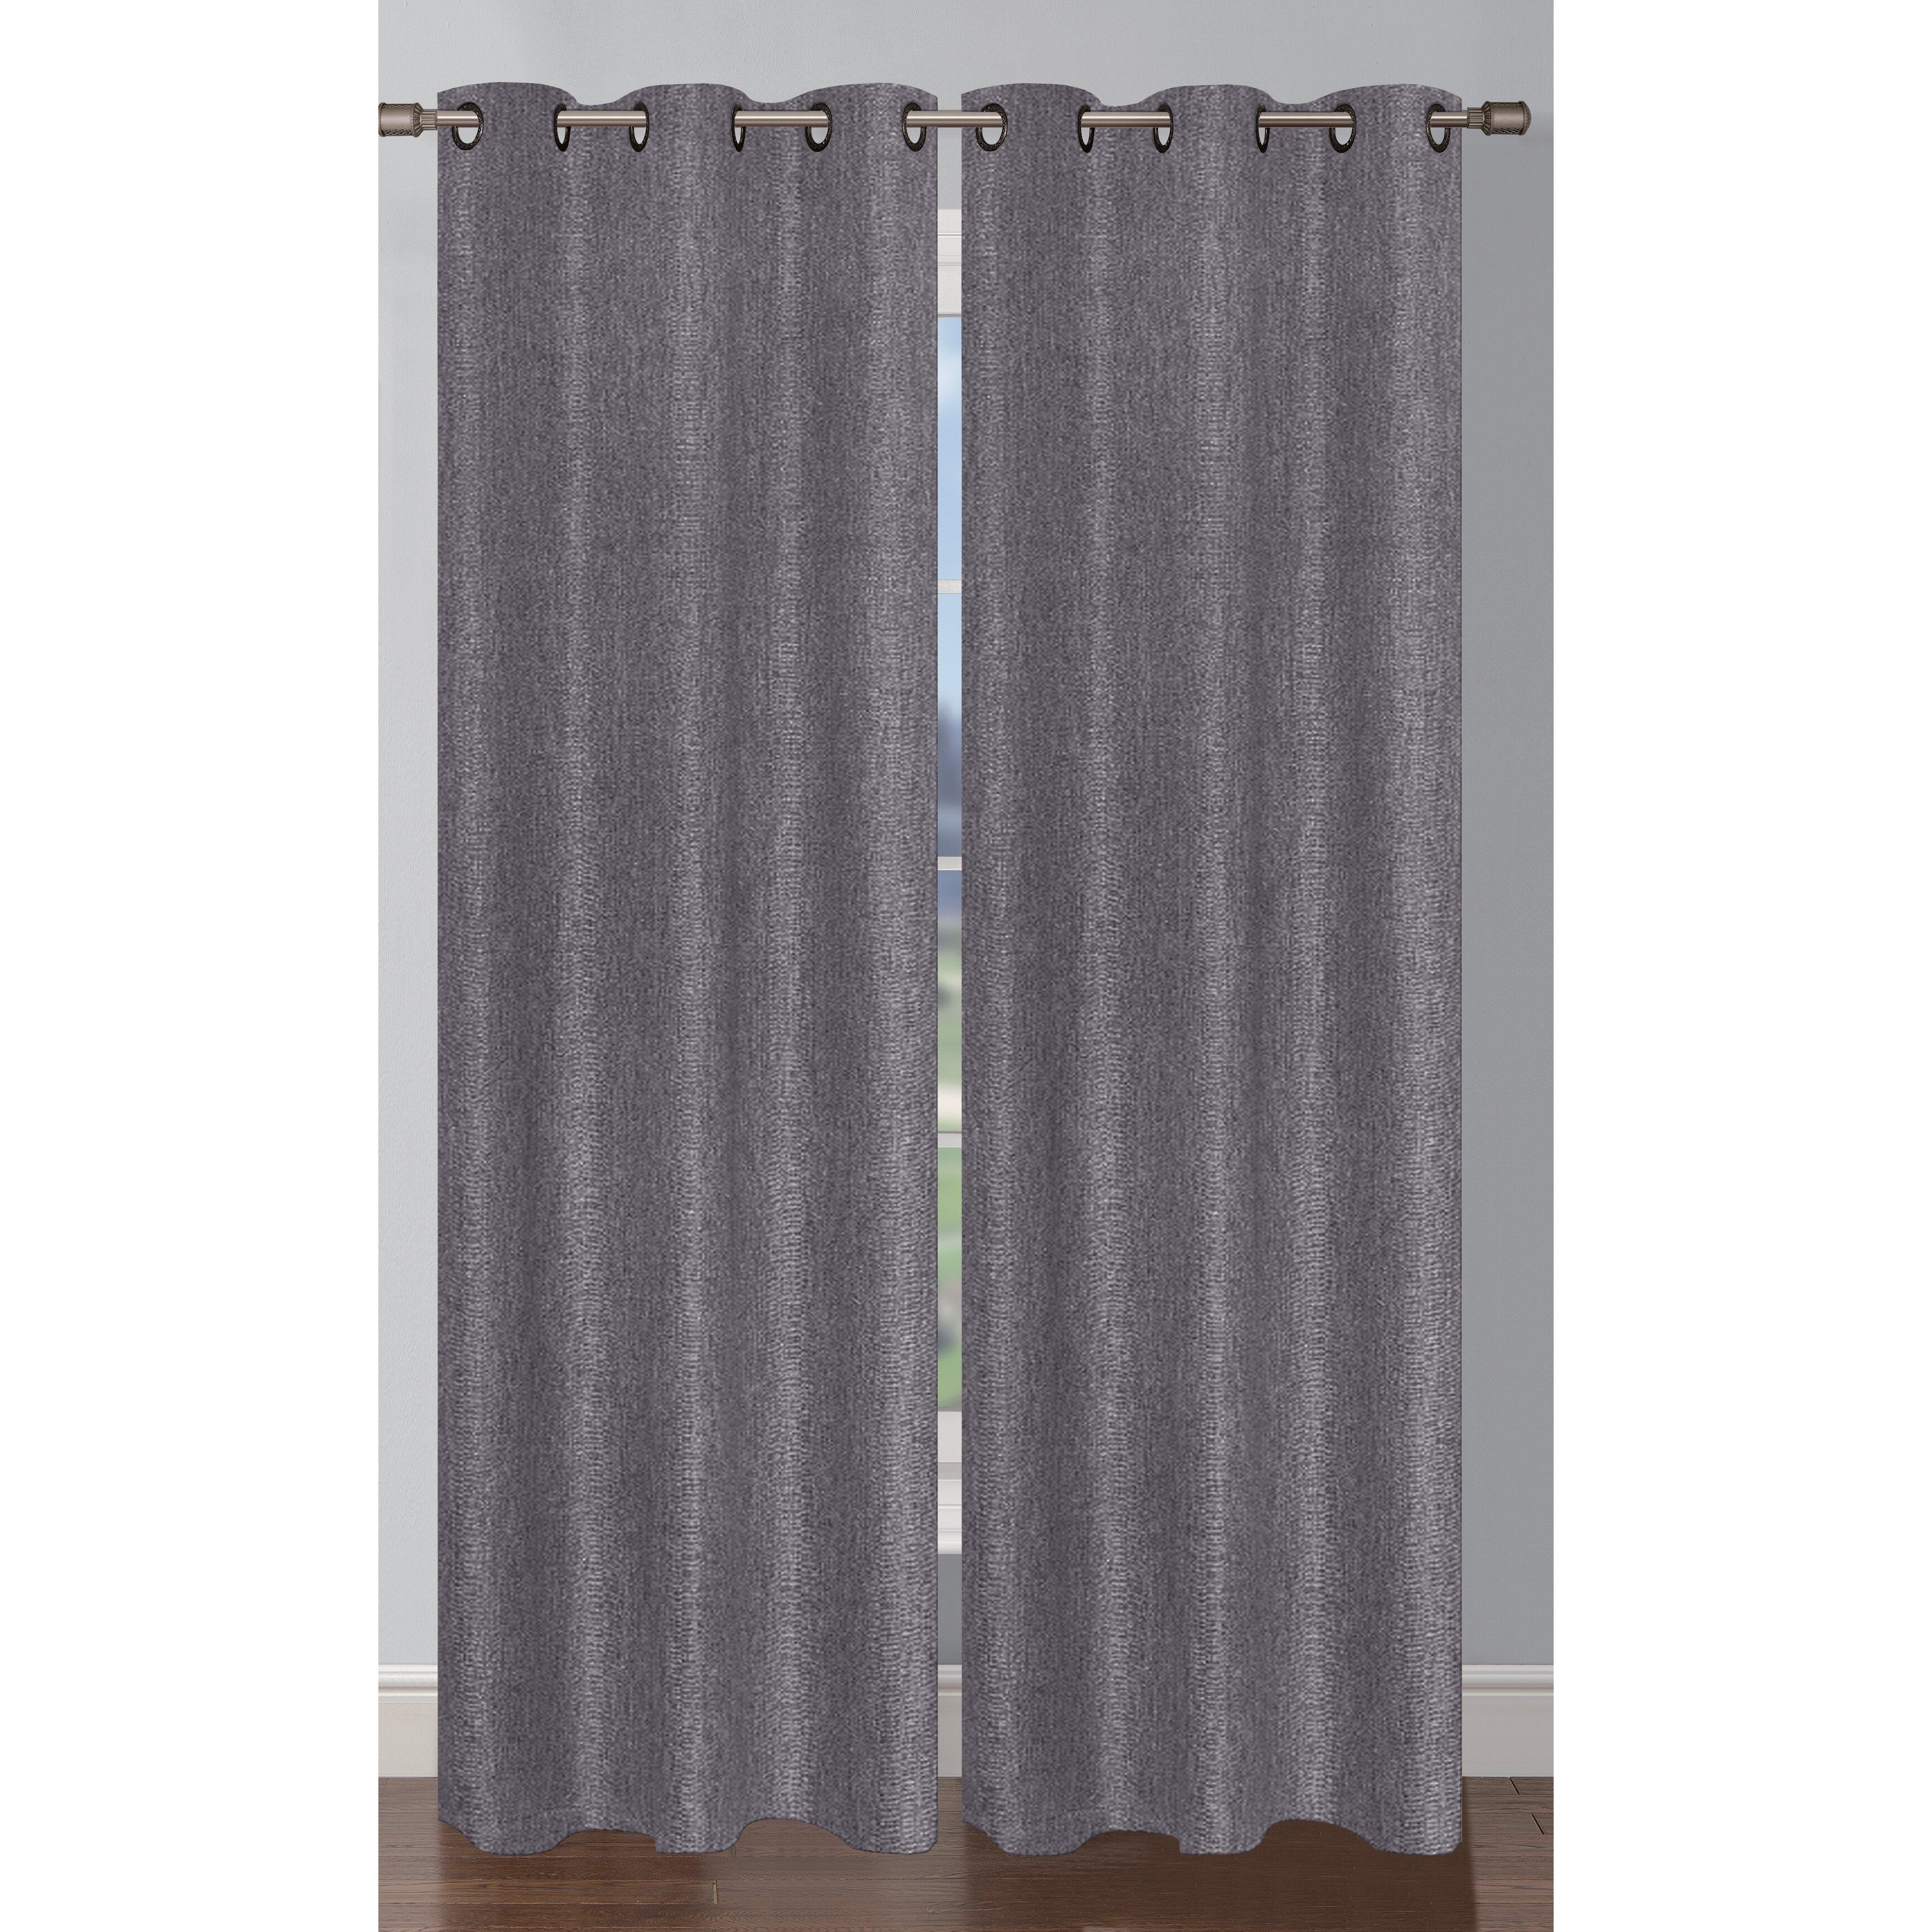 Window Elements Oscar Luxury Faux Linen Shimmer Grommet Curtain Panel